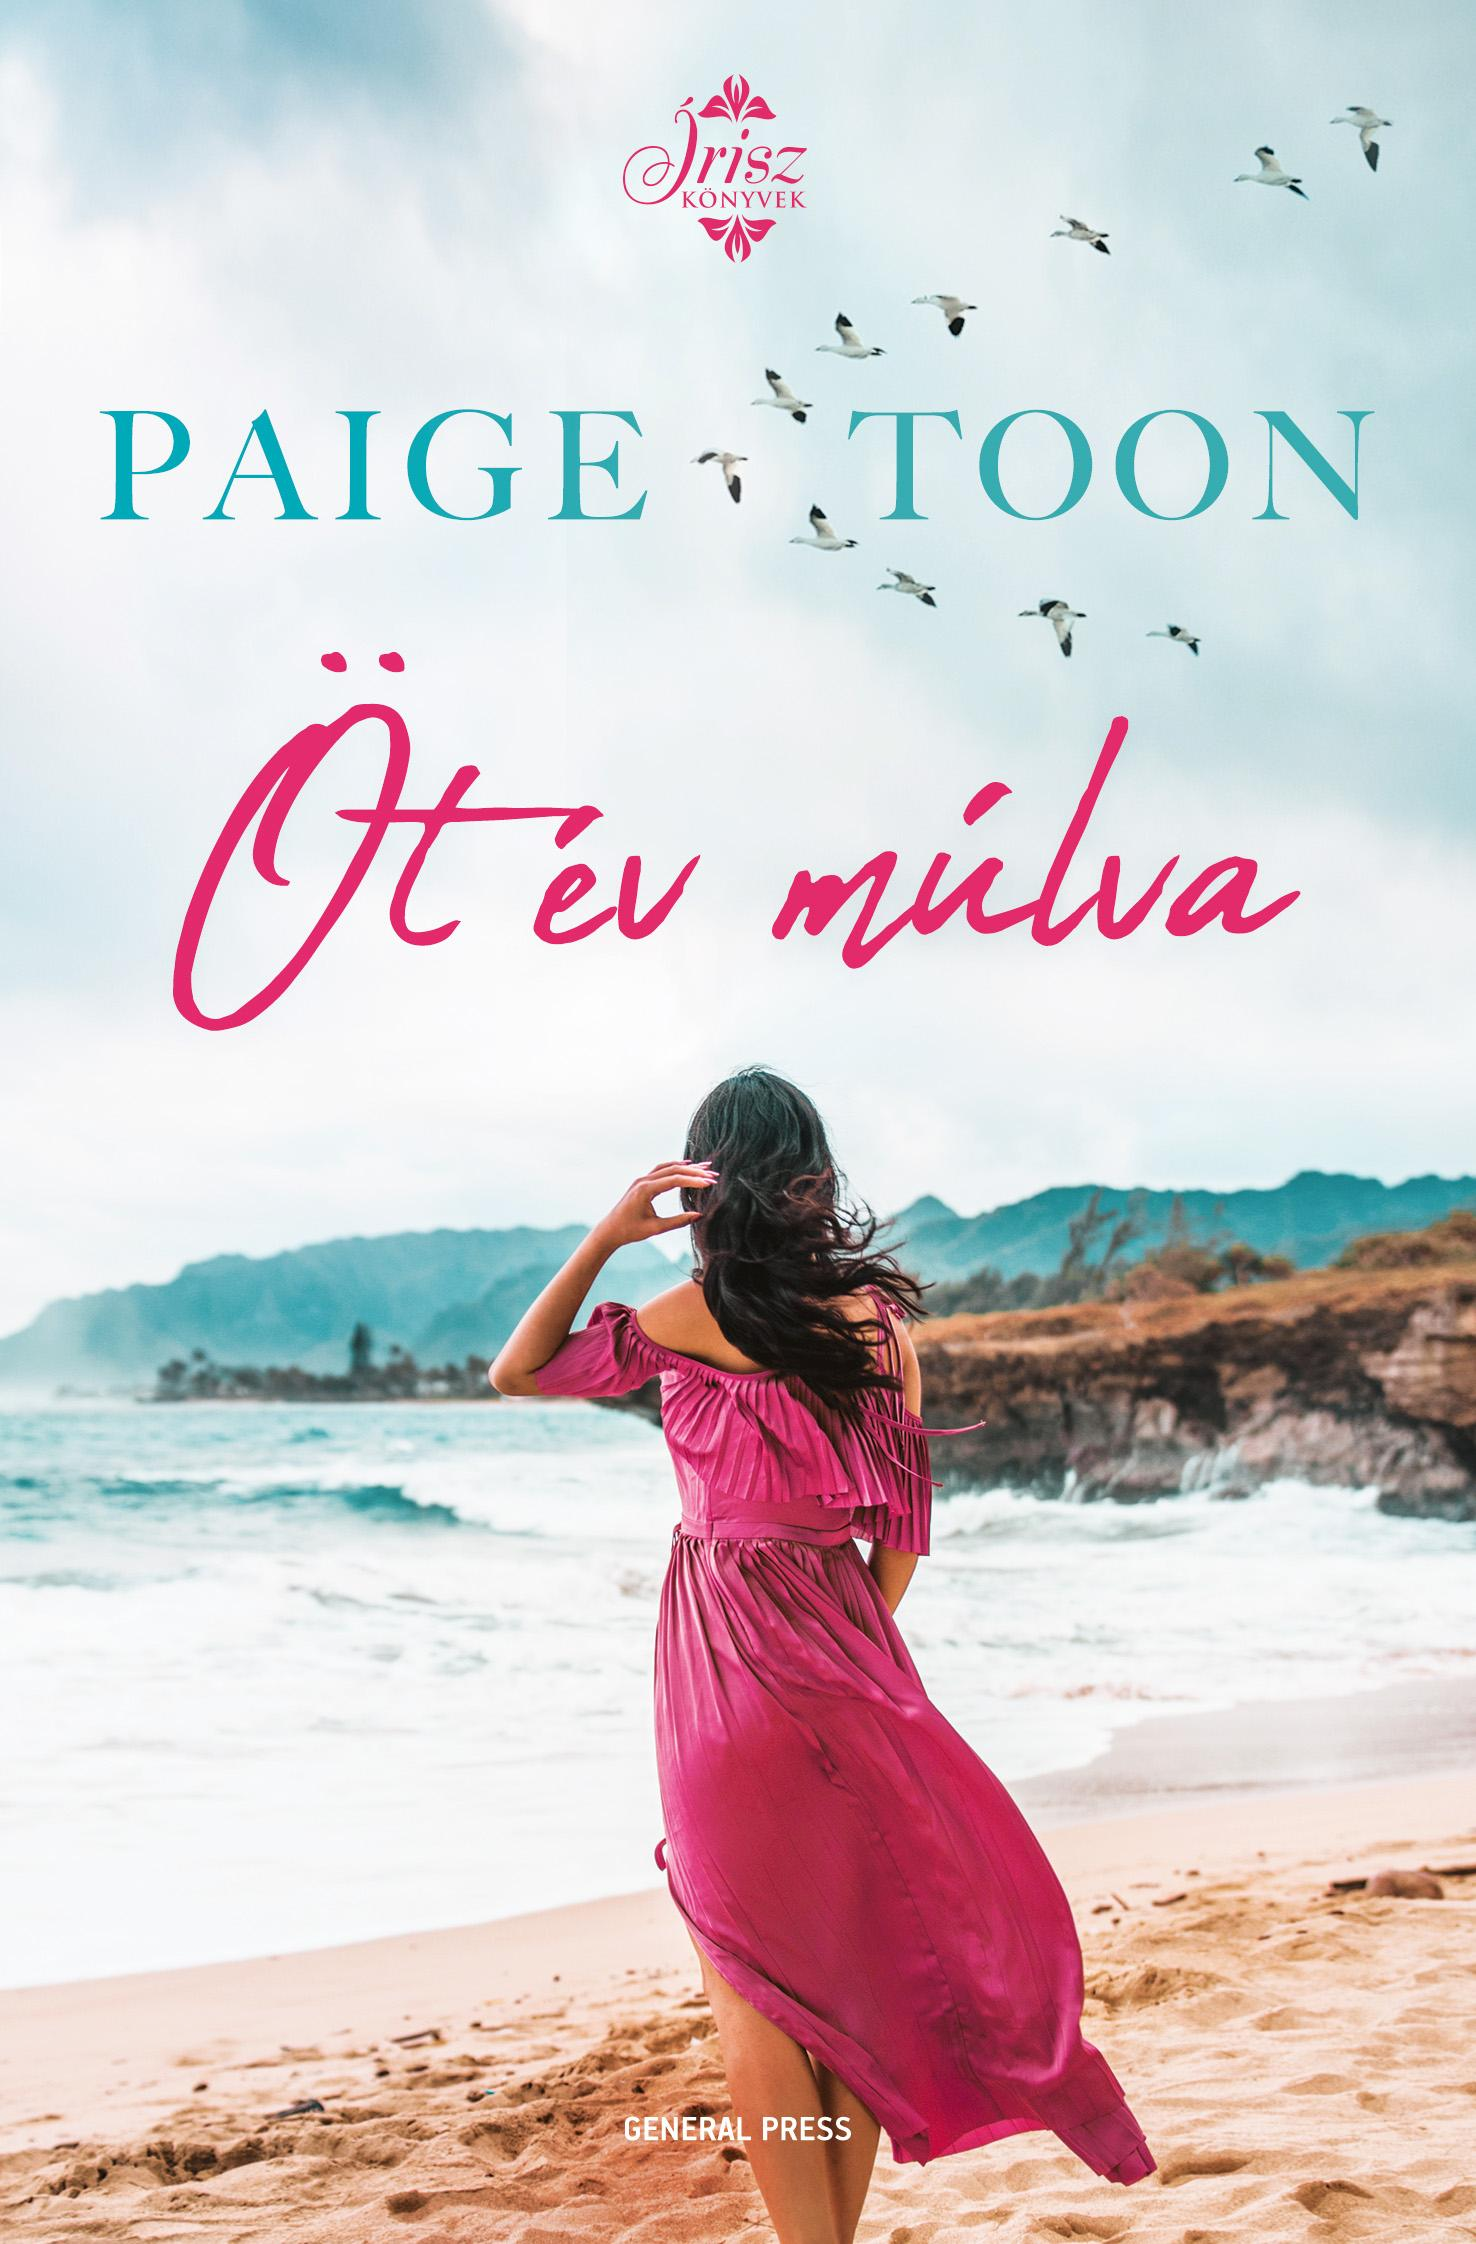 Paige Toon - Öt év múlva